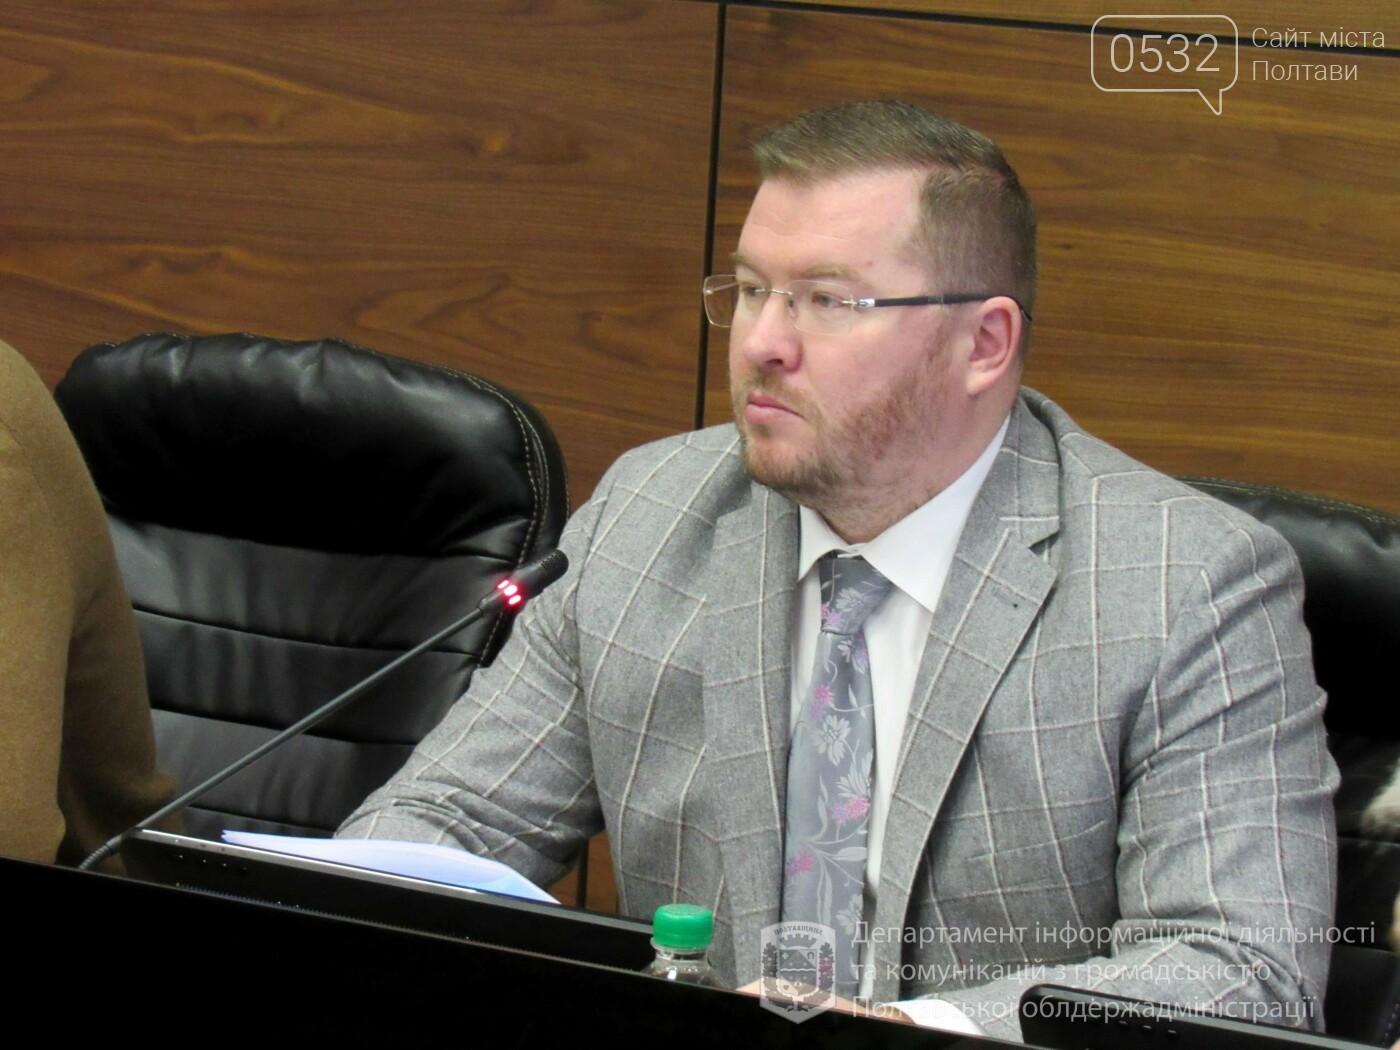 У 2020 році 2,4 мільярда гривень спрямують на субсидії та пільги в Полтавській області, фото-9